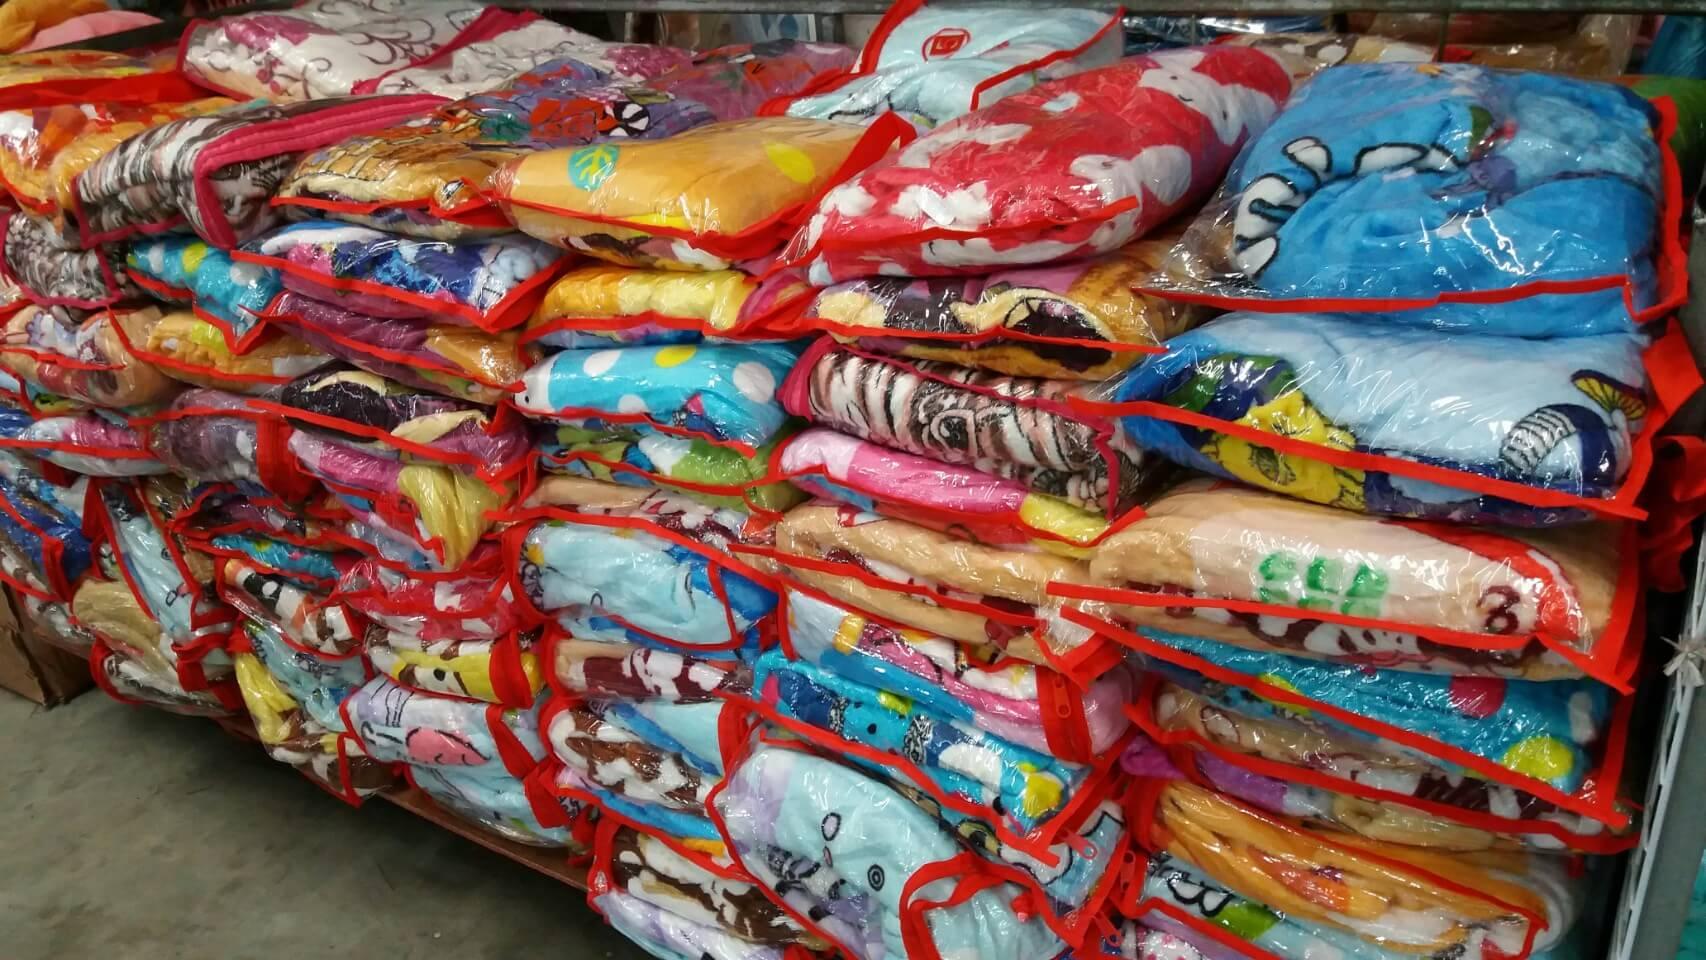 ขายส่ง ผ้าห่มนาโน 5 ฟุต แบบบาง ลายการ์ตูน ส่ง 57 บาท